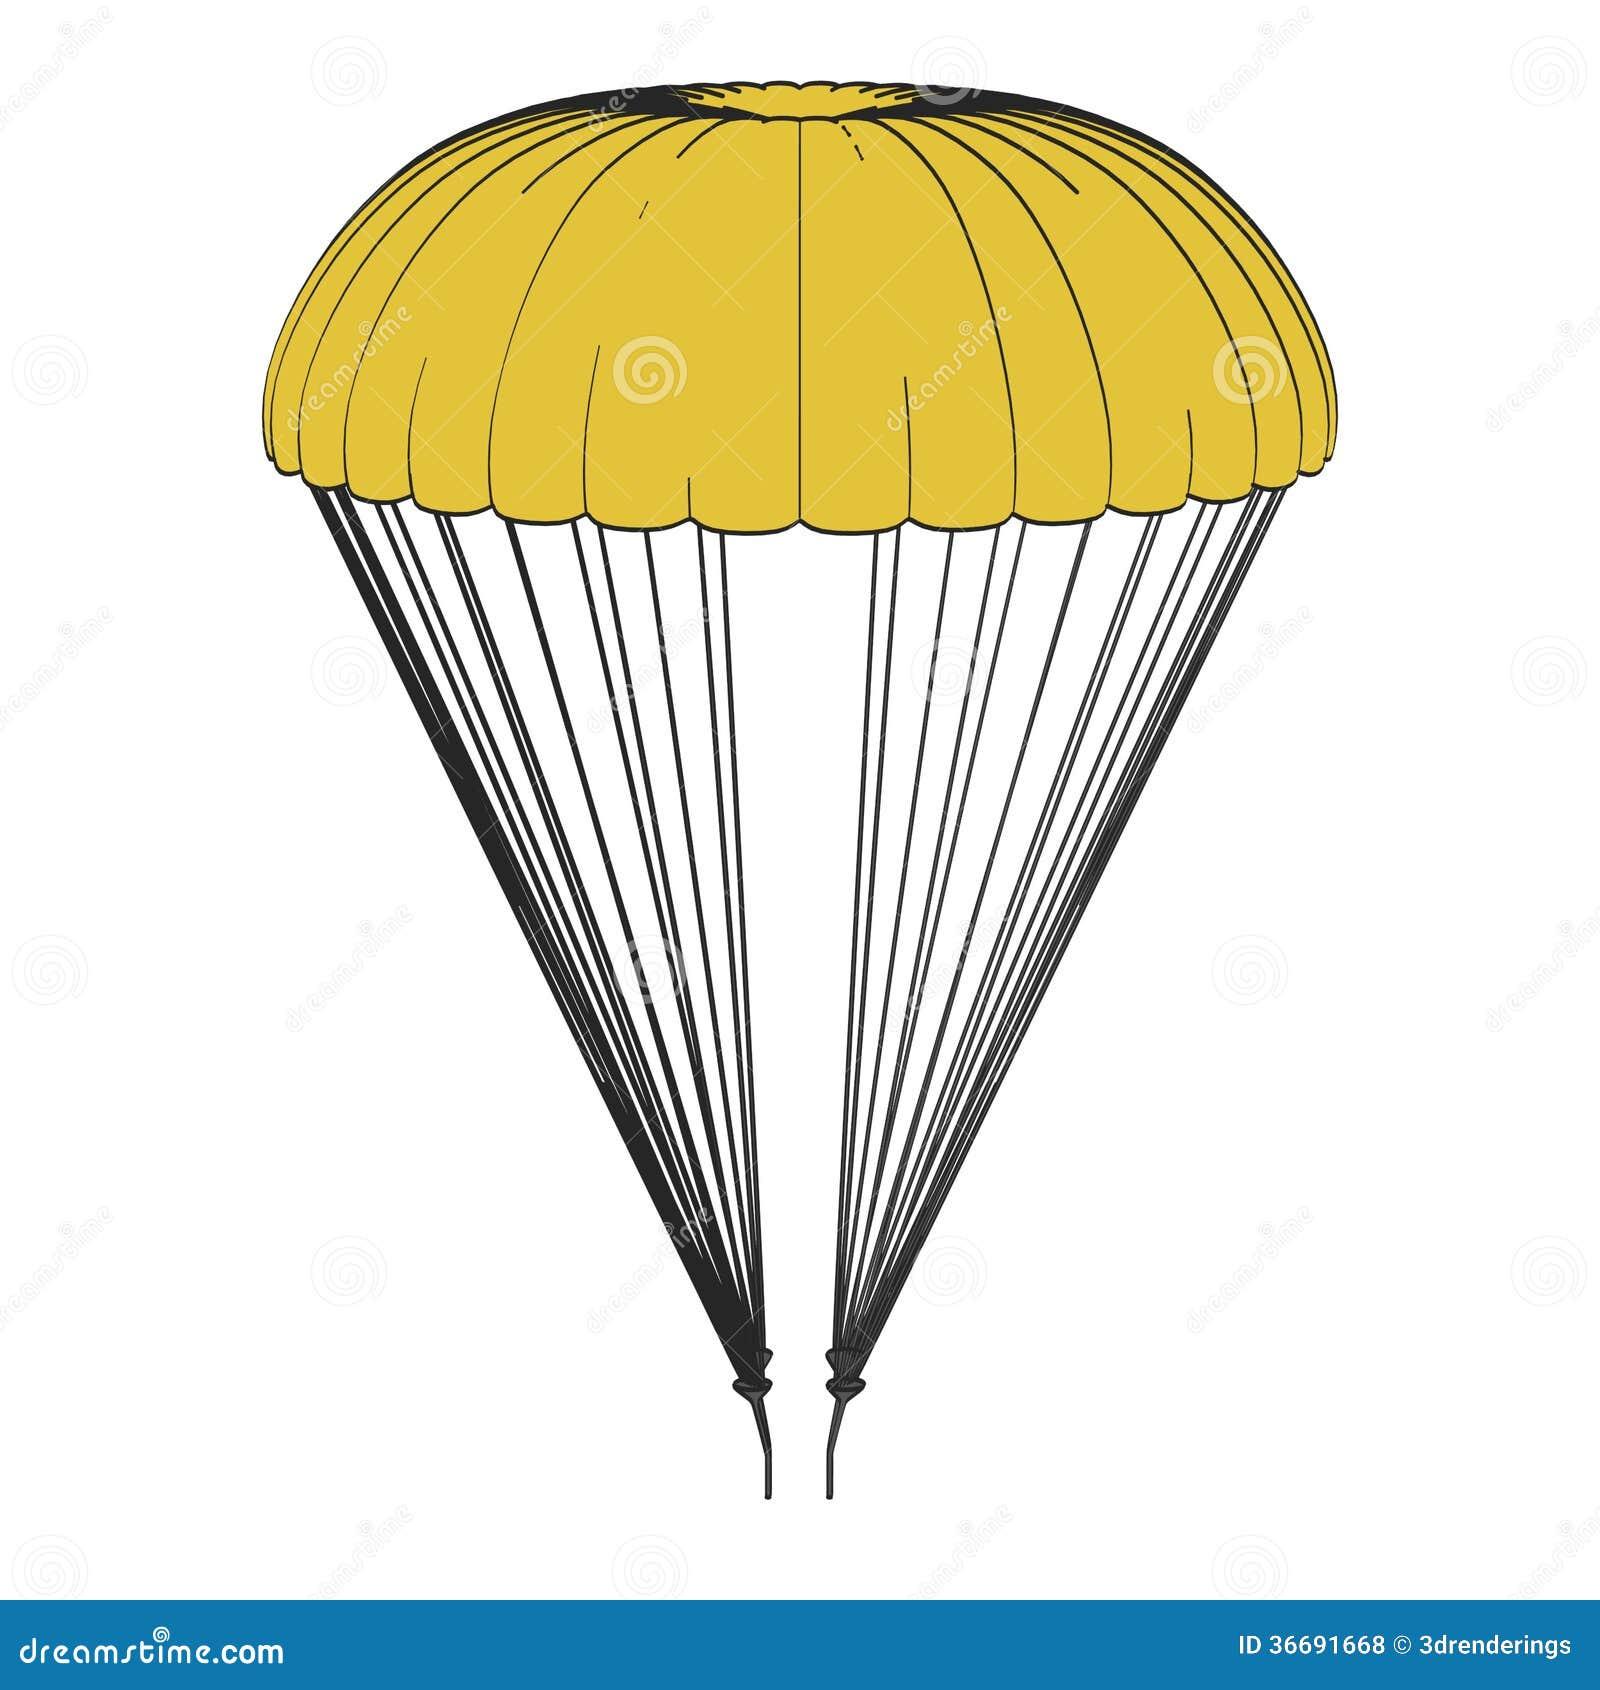 cartoon clipart parachute - photo #31